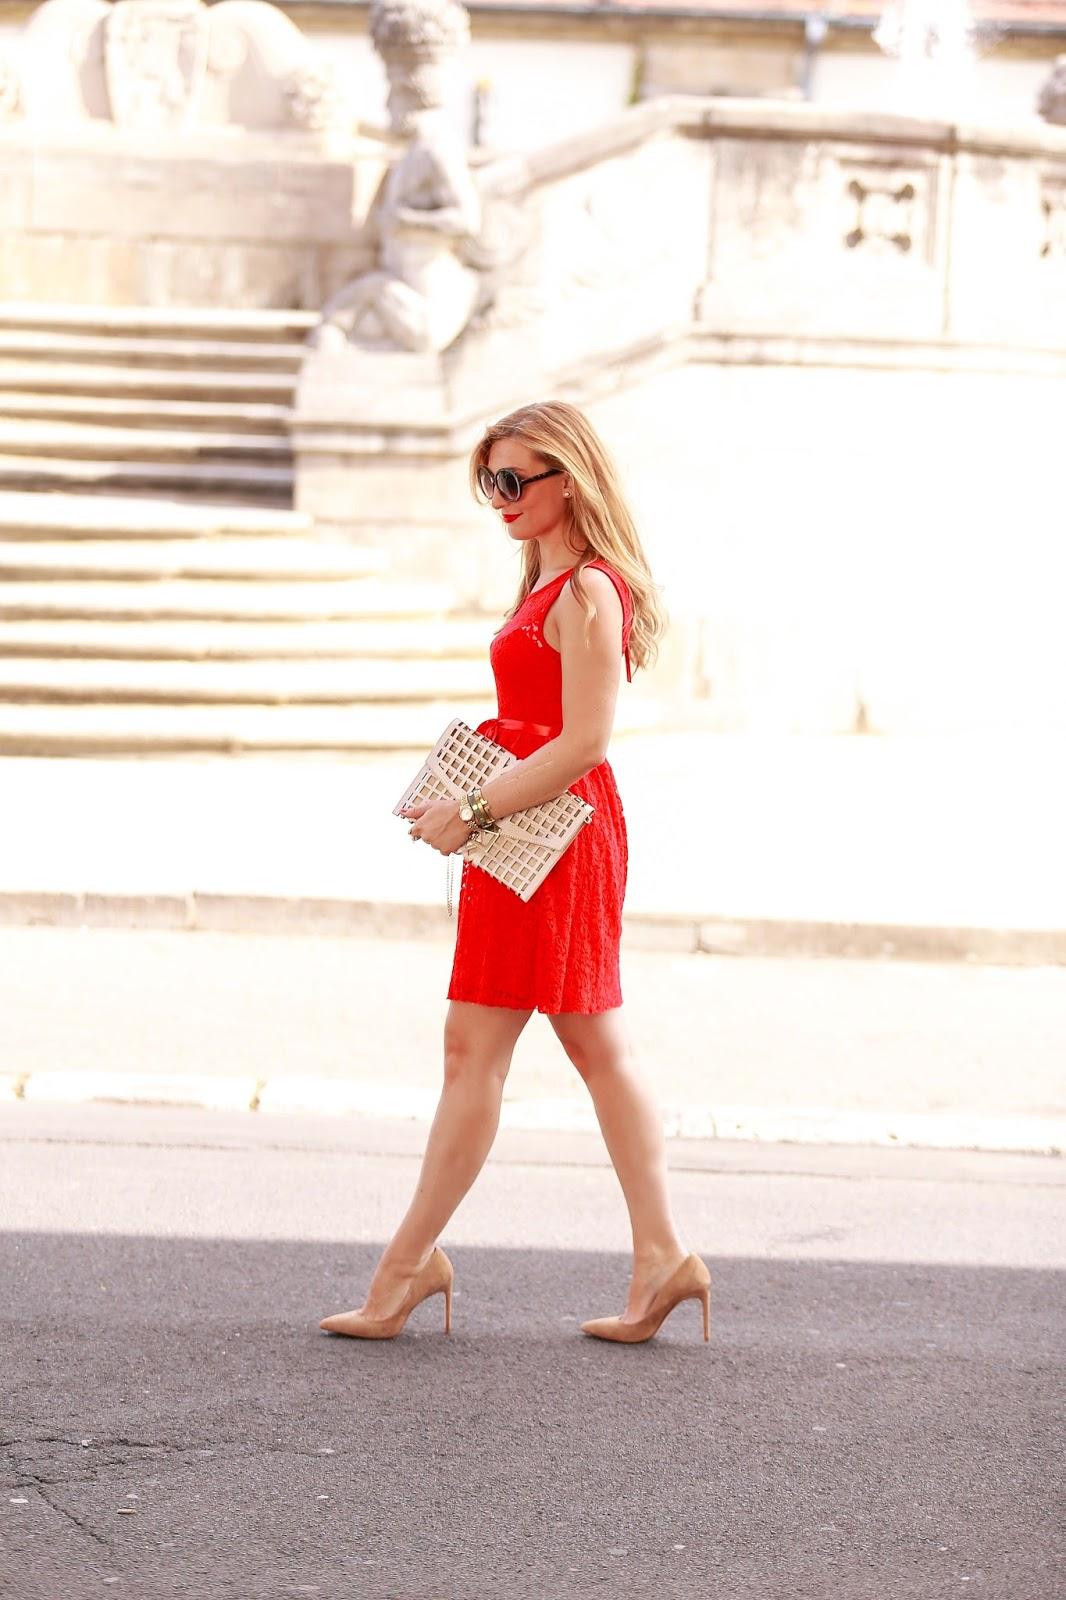 Fashionblogger-aus-deutschland-deutsche-fashionblogger-totes-kleid-red-dress-kleid-aus-spitze-spitztenkleid-kombinieren